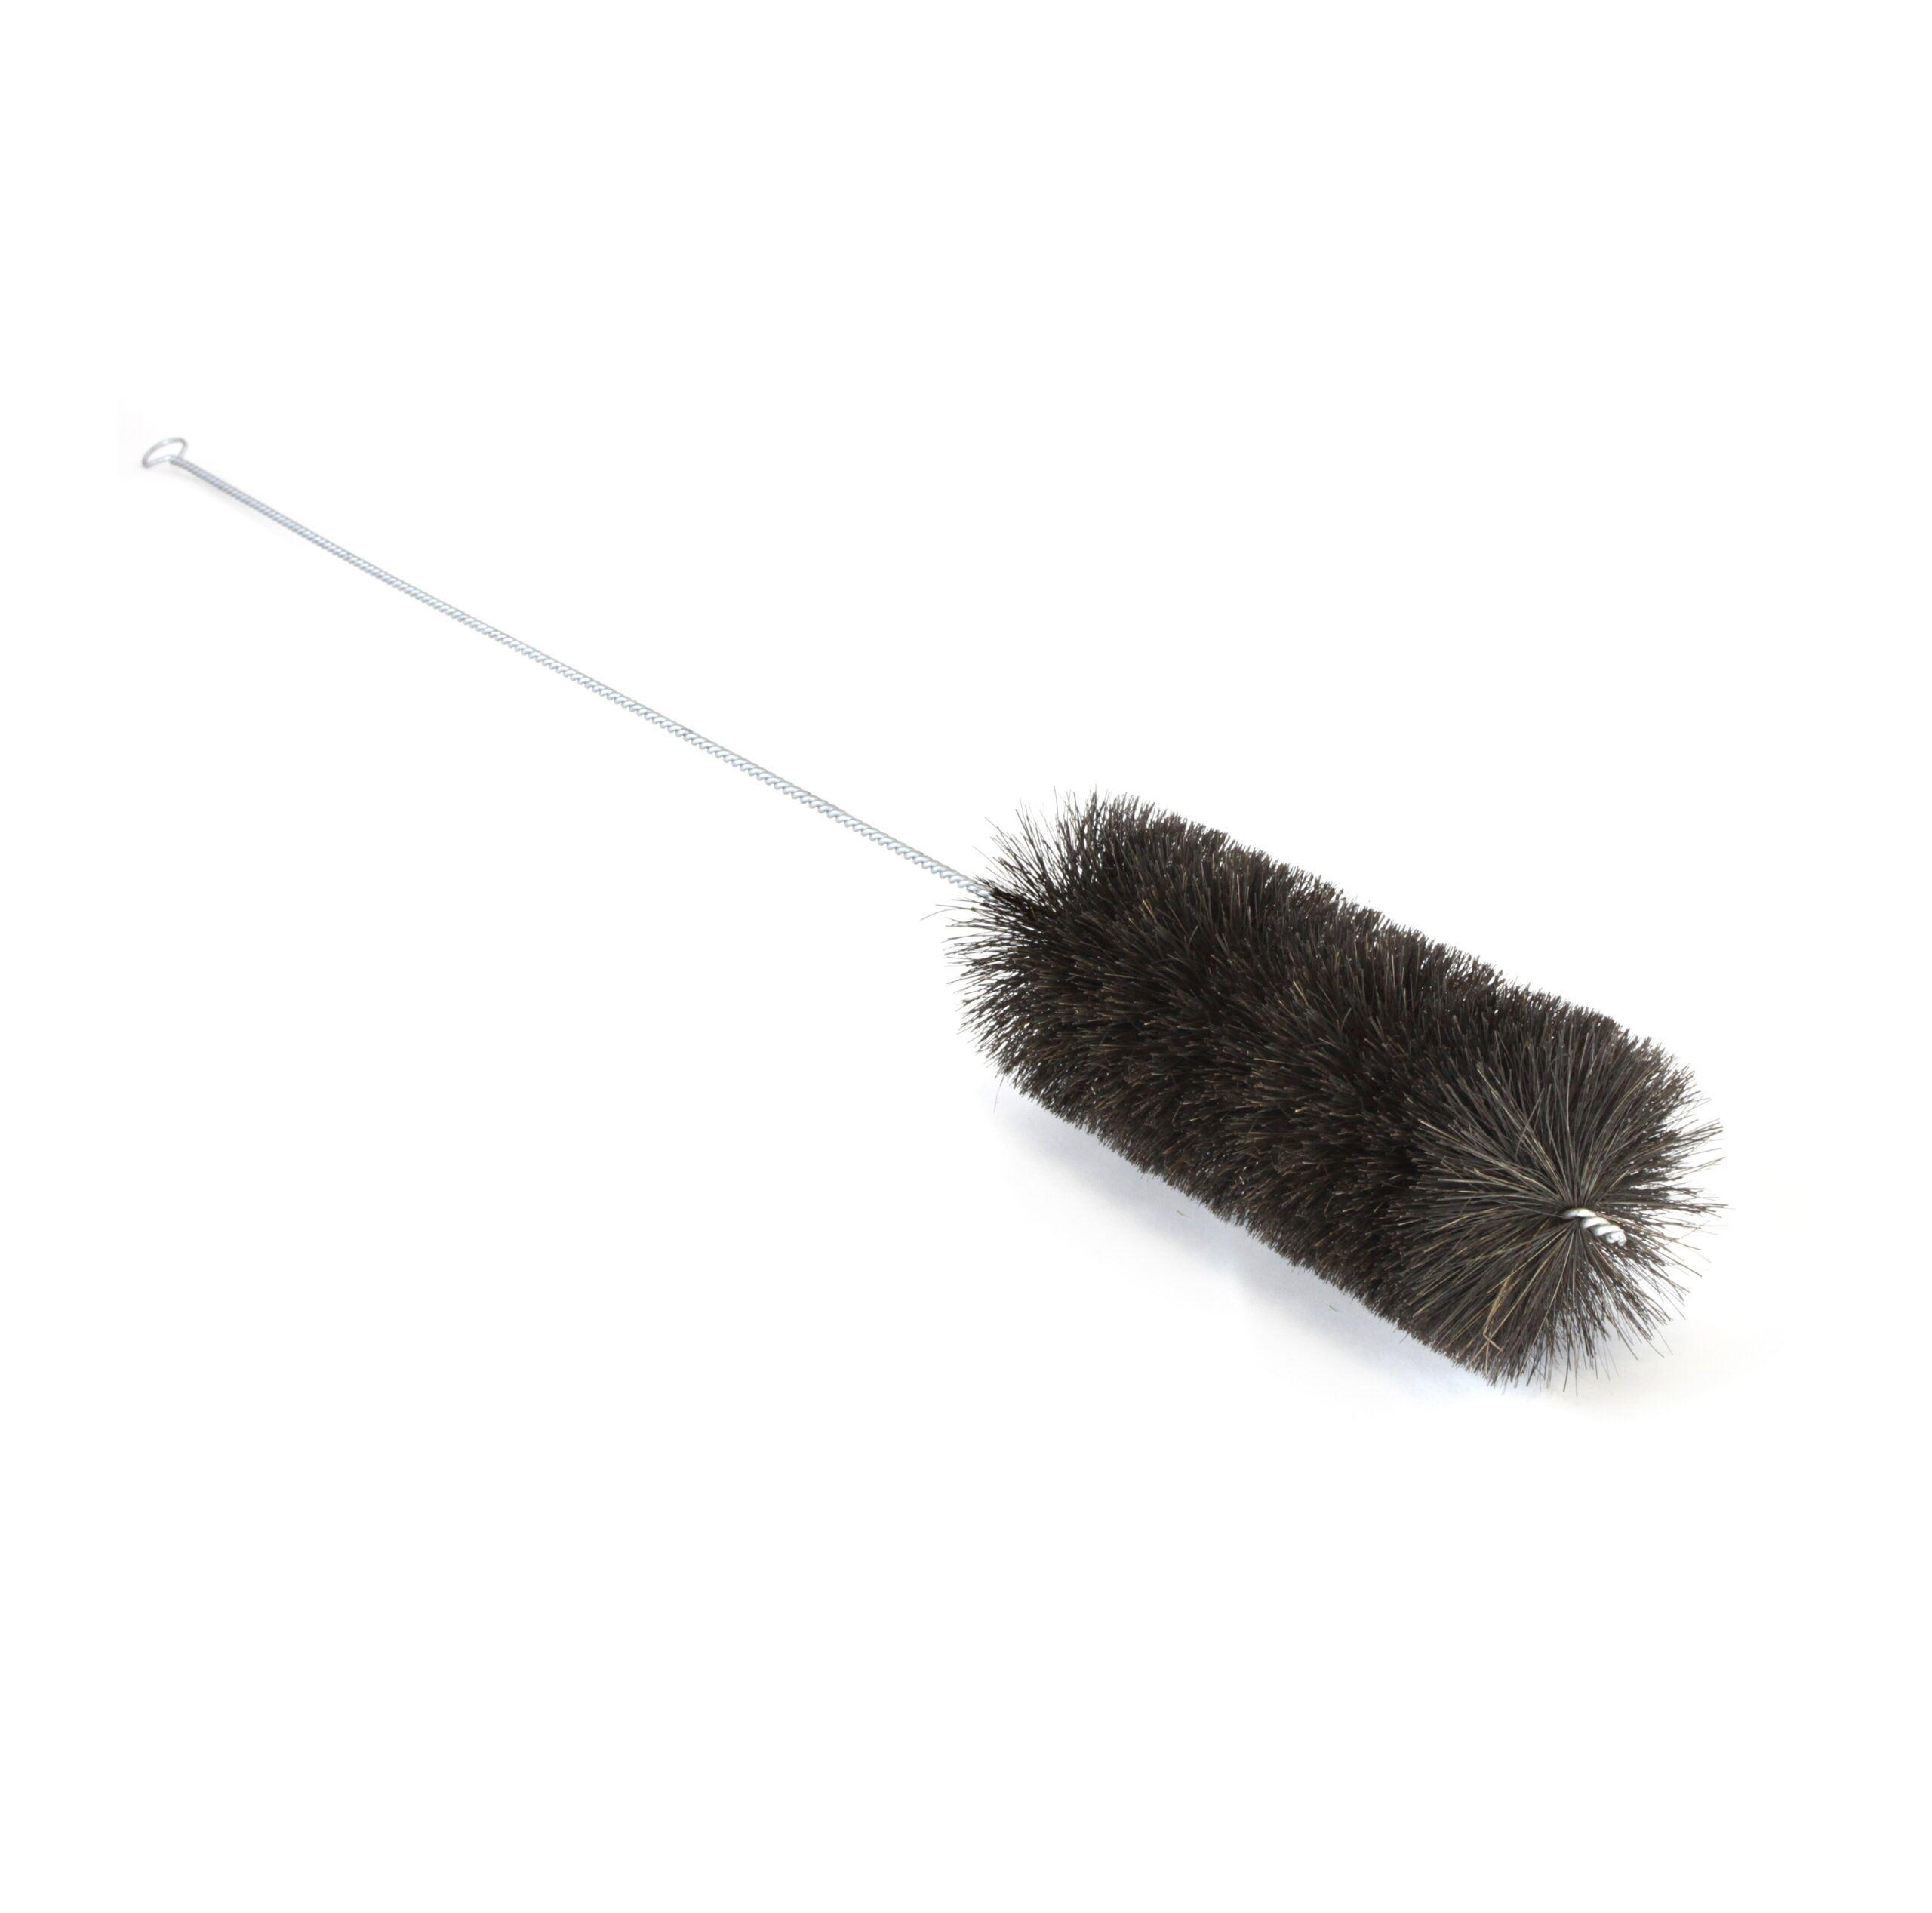 Flue Brush 100mm